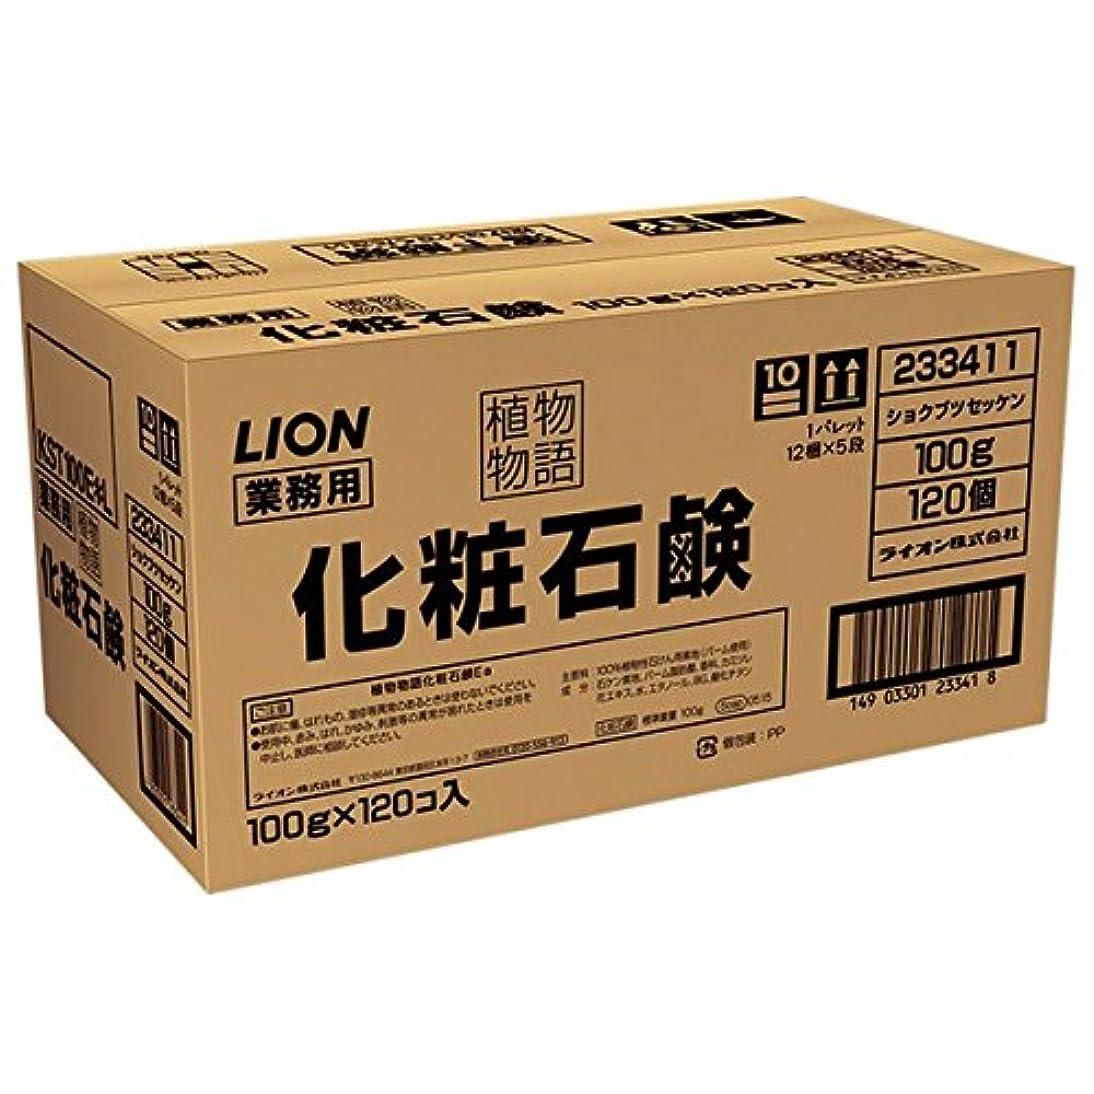 不正直エアコンコンサートライオン 植物物語 化粧石鹸 業務用 100g 1箱(120個)